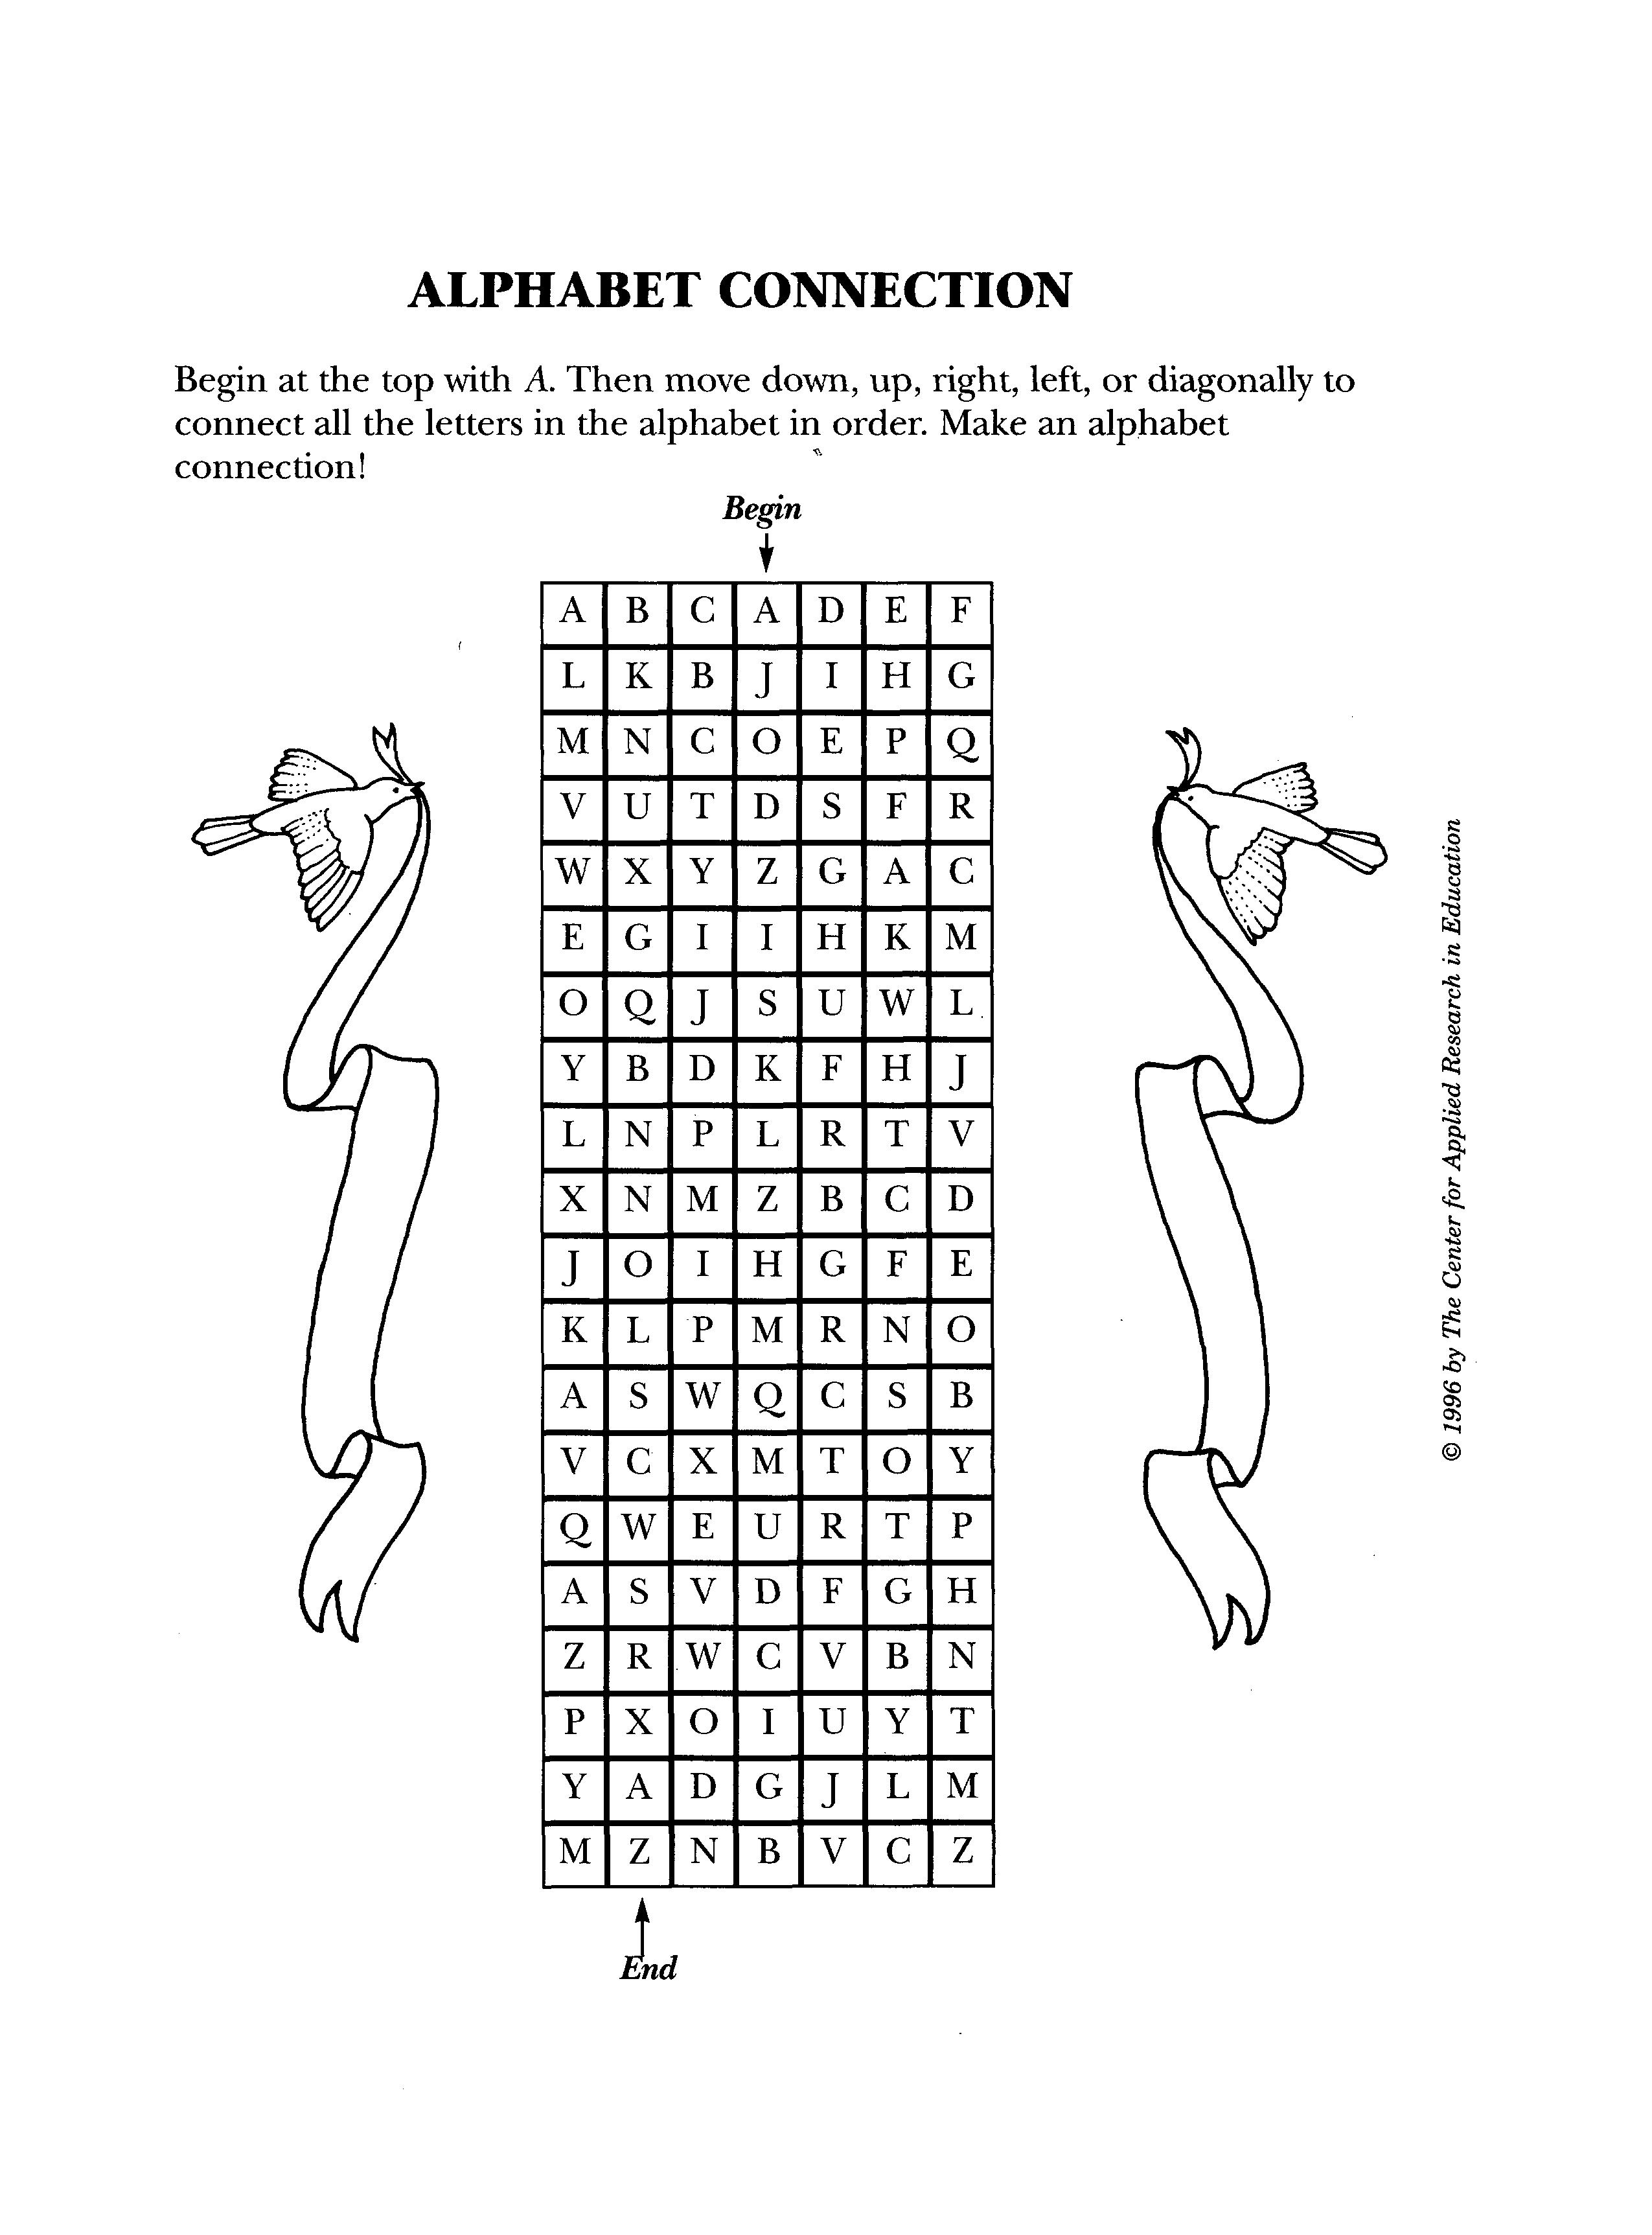 Скачать английский алфавит с произношением mp3 бесплатно